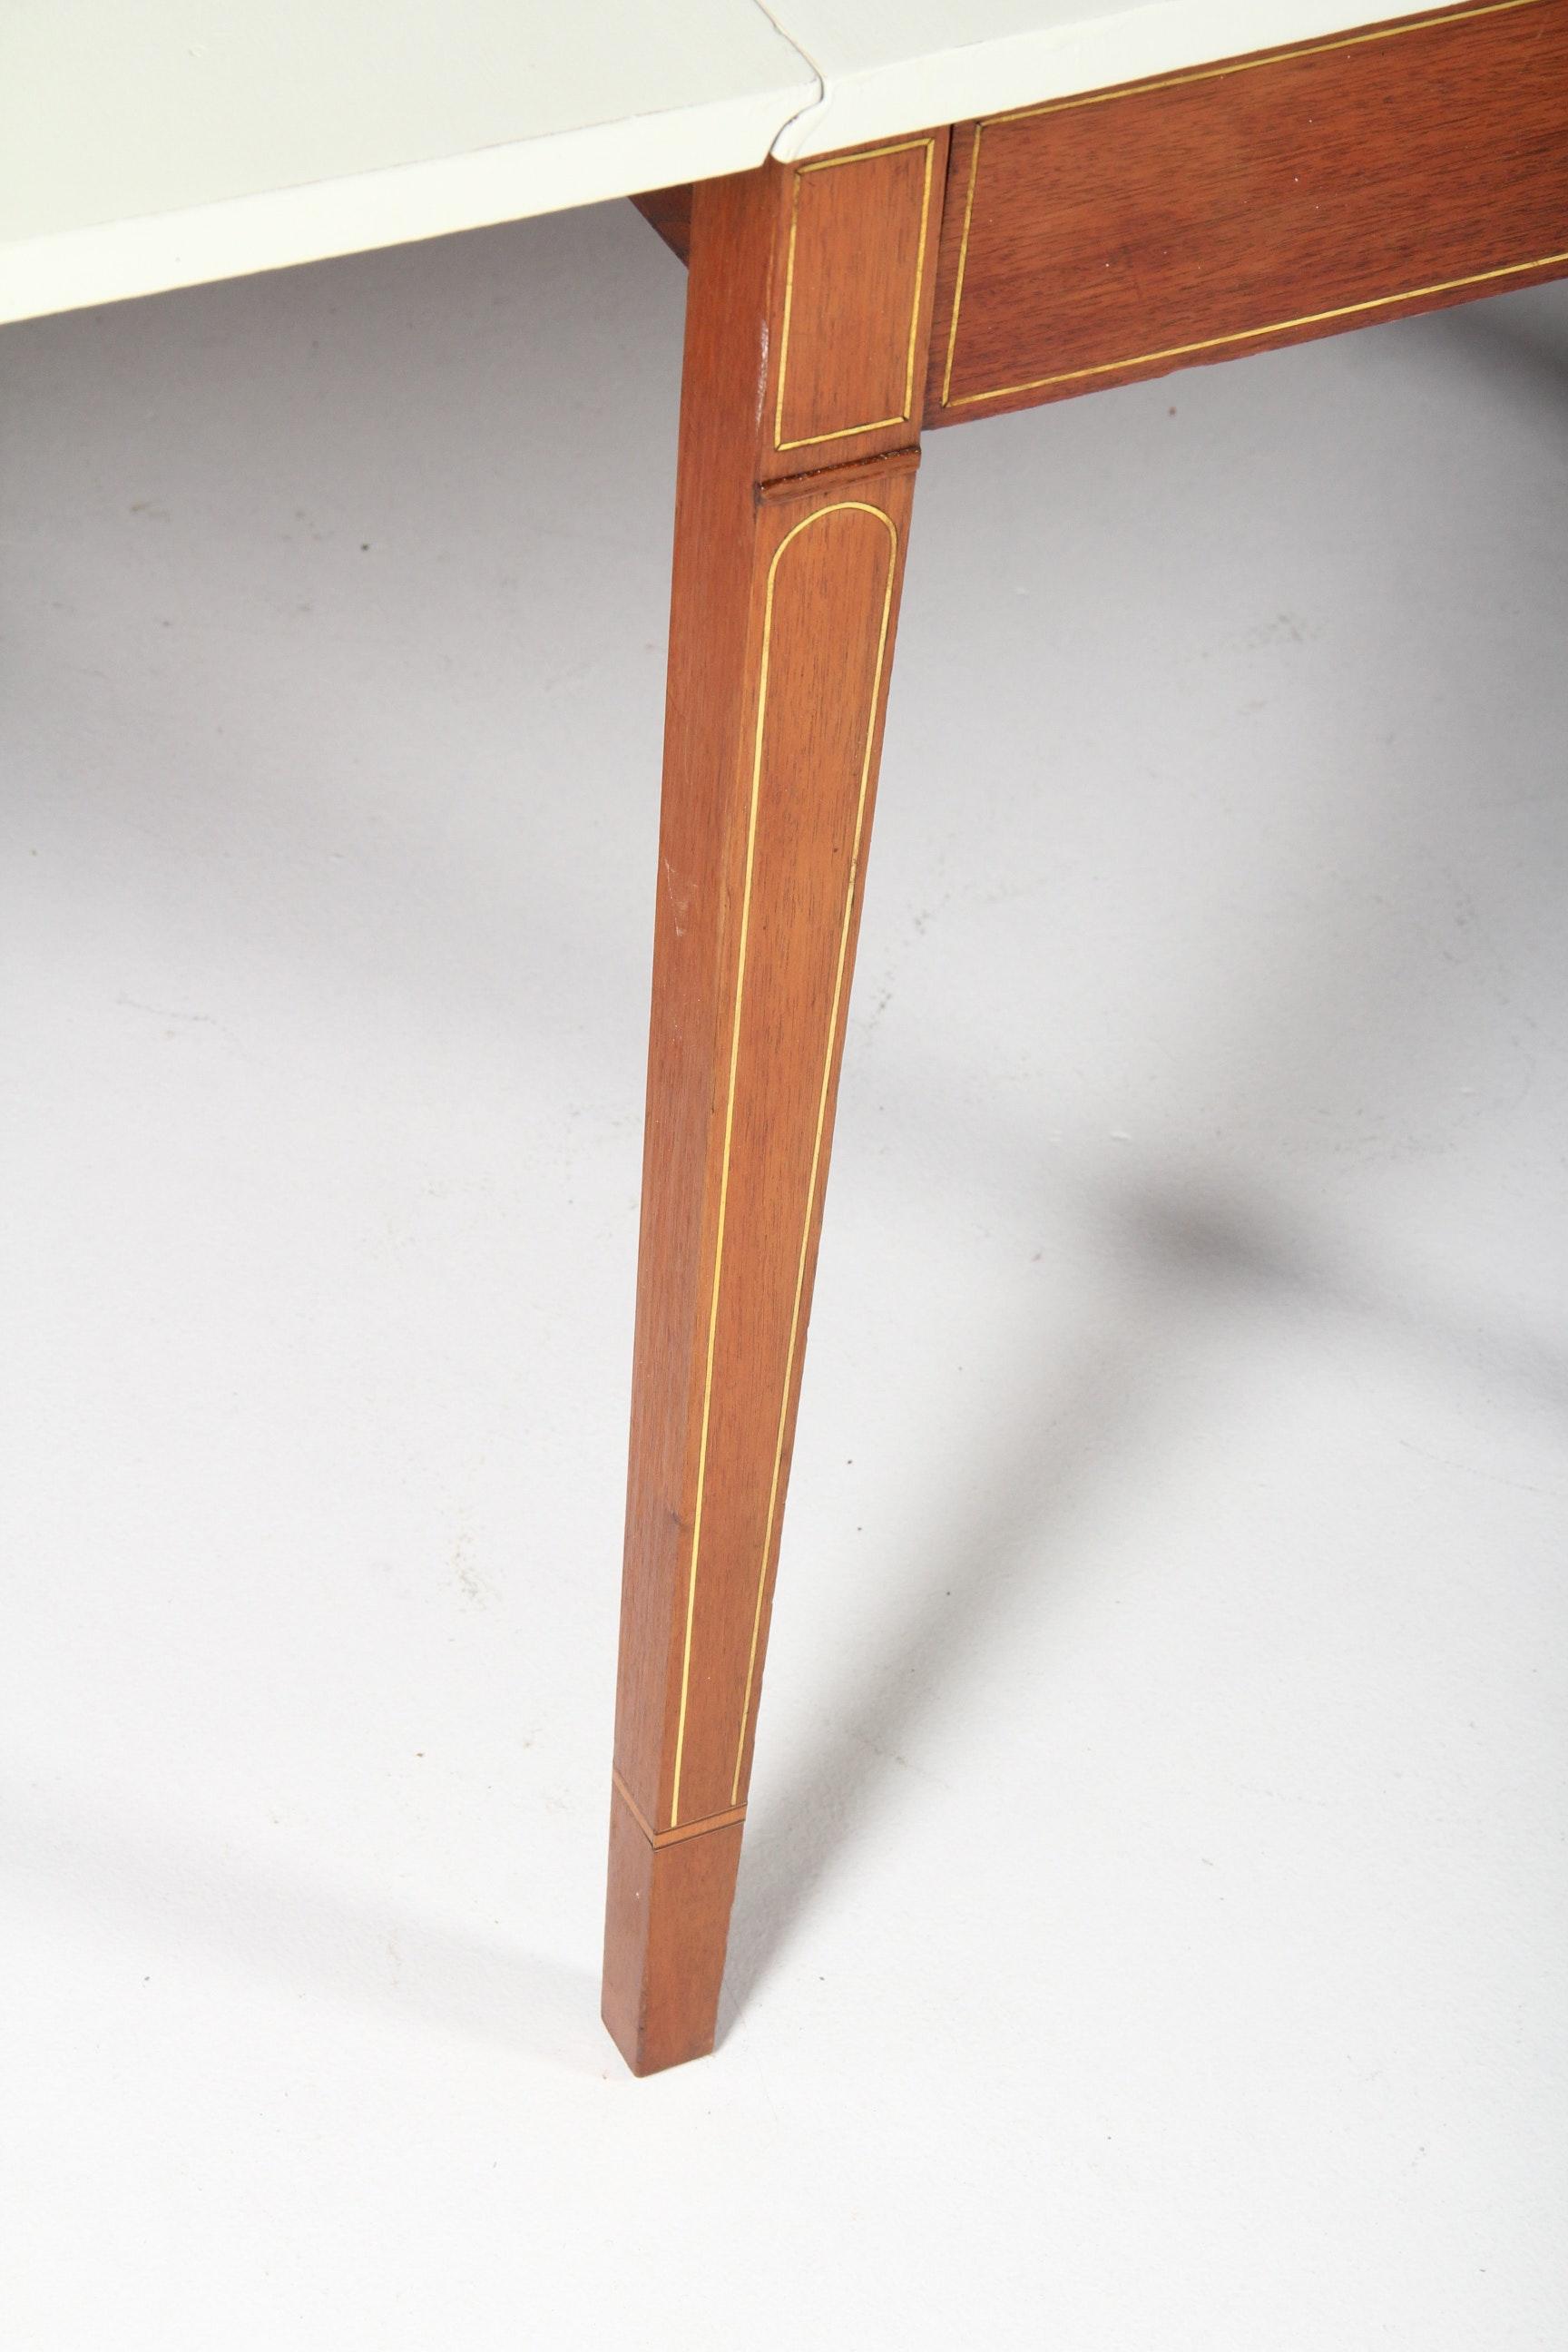 Vintage Hepplewhite Style Mahogany Drop Leaf Gateleg Table